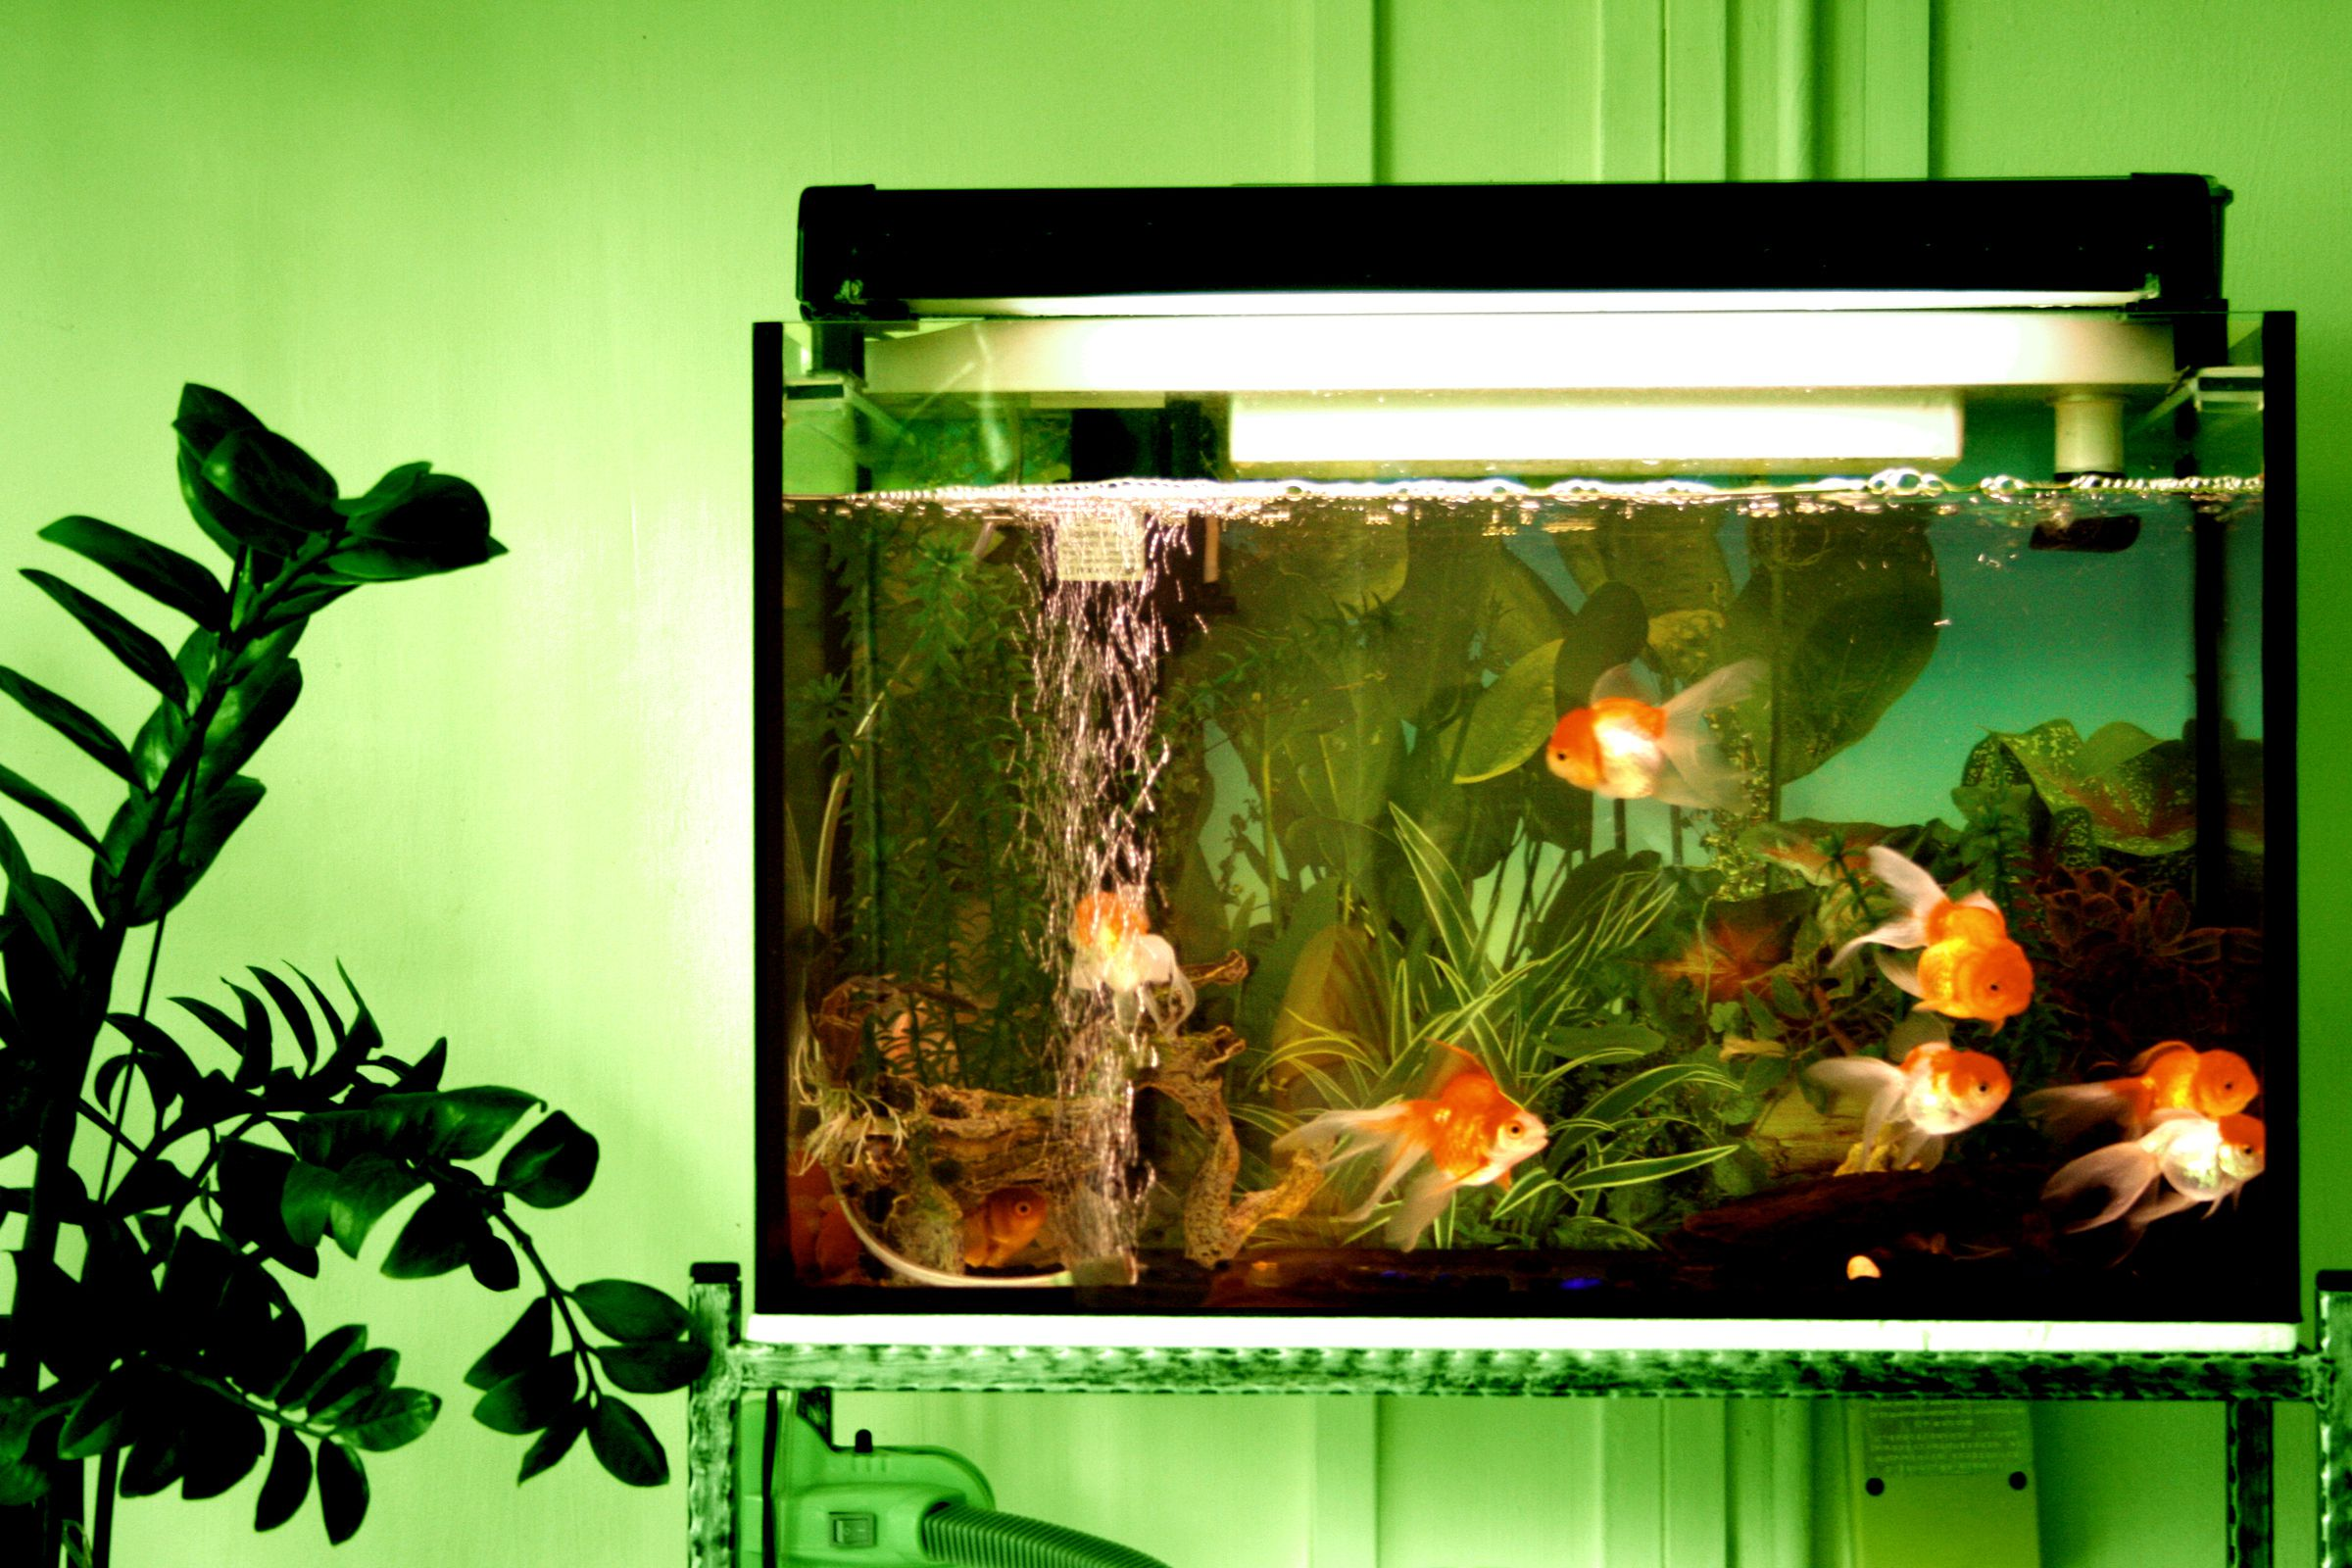 Are Aquariums Safe?